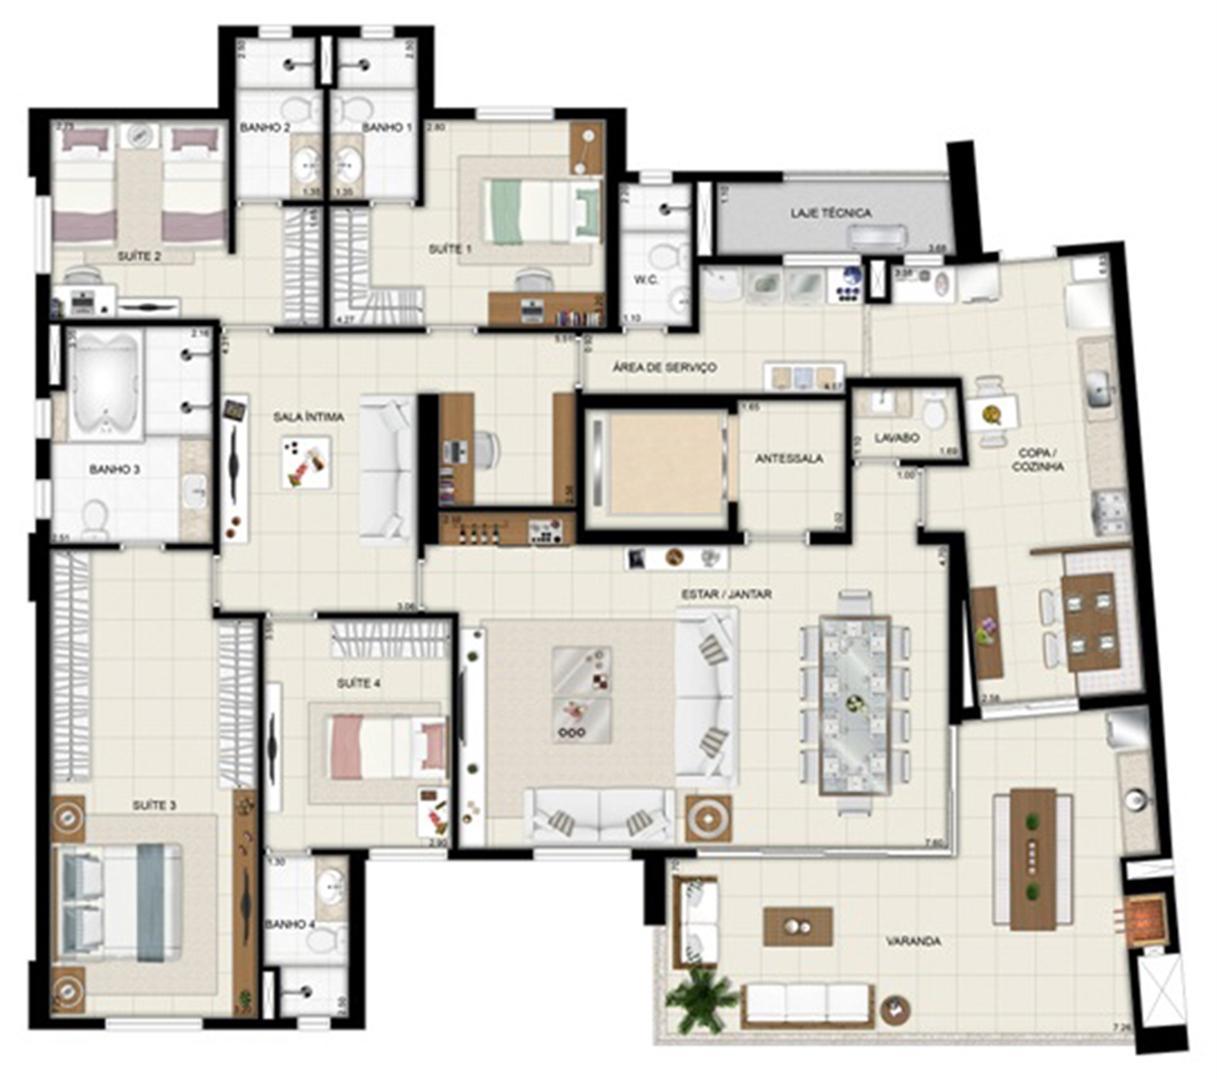 Planta opção - TorreParc - Final 01 233 m² | Chateau Marista LifeStyle – Apartamento no  Setor Marista - Goiânia - Goiás